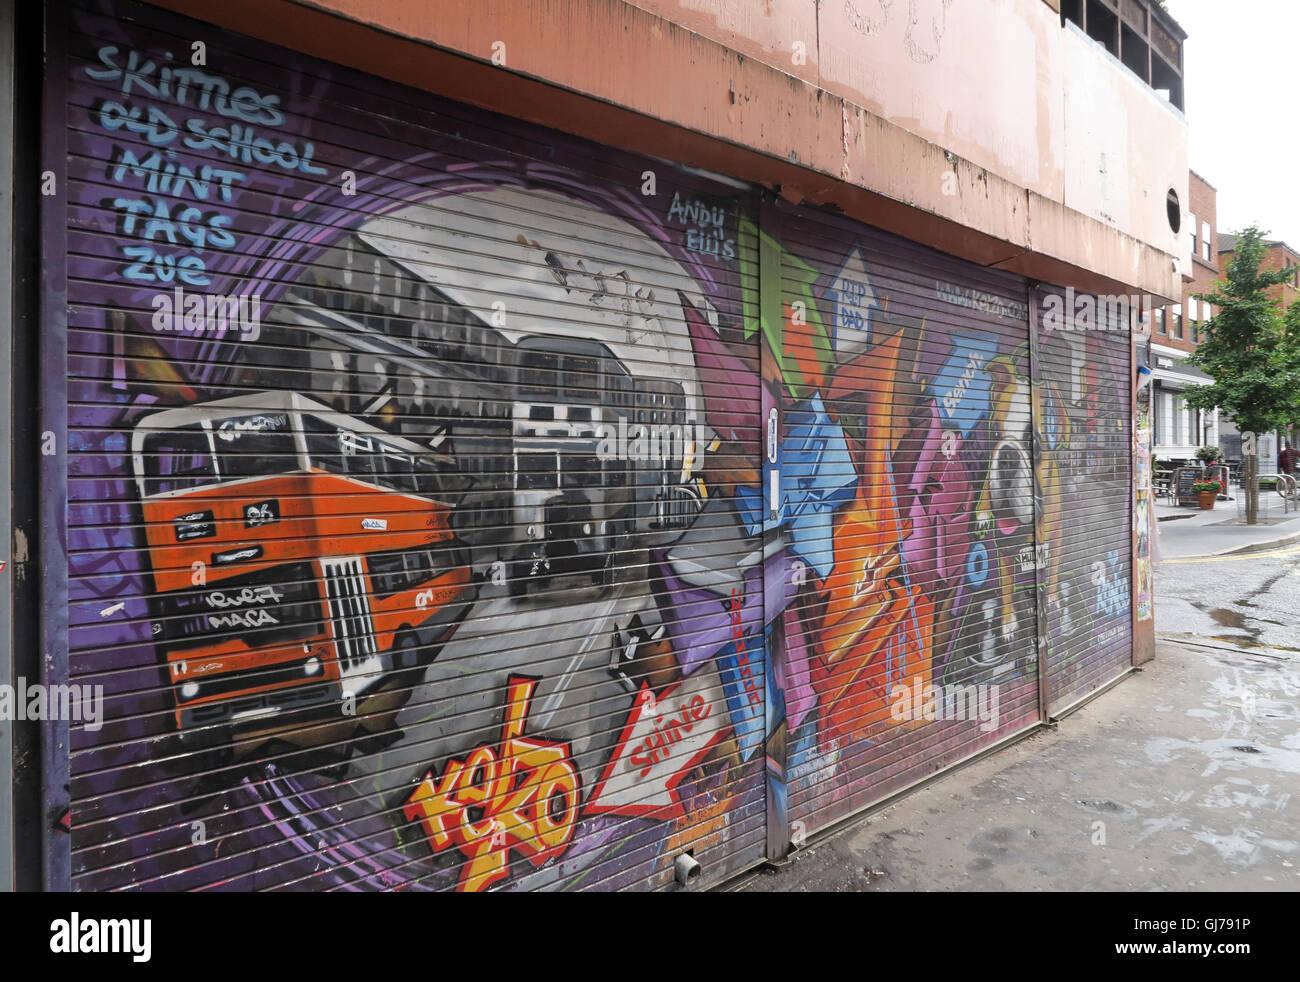 Laden Sie dieses Alamy Stockfoto Kelzo Manchester Wandbild in Shutter, Koffee Topf, nördlichen Viertel Artwork, NQ, Manchester, North West England, Großbritannien, M1 1JR - GJ791P